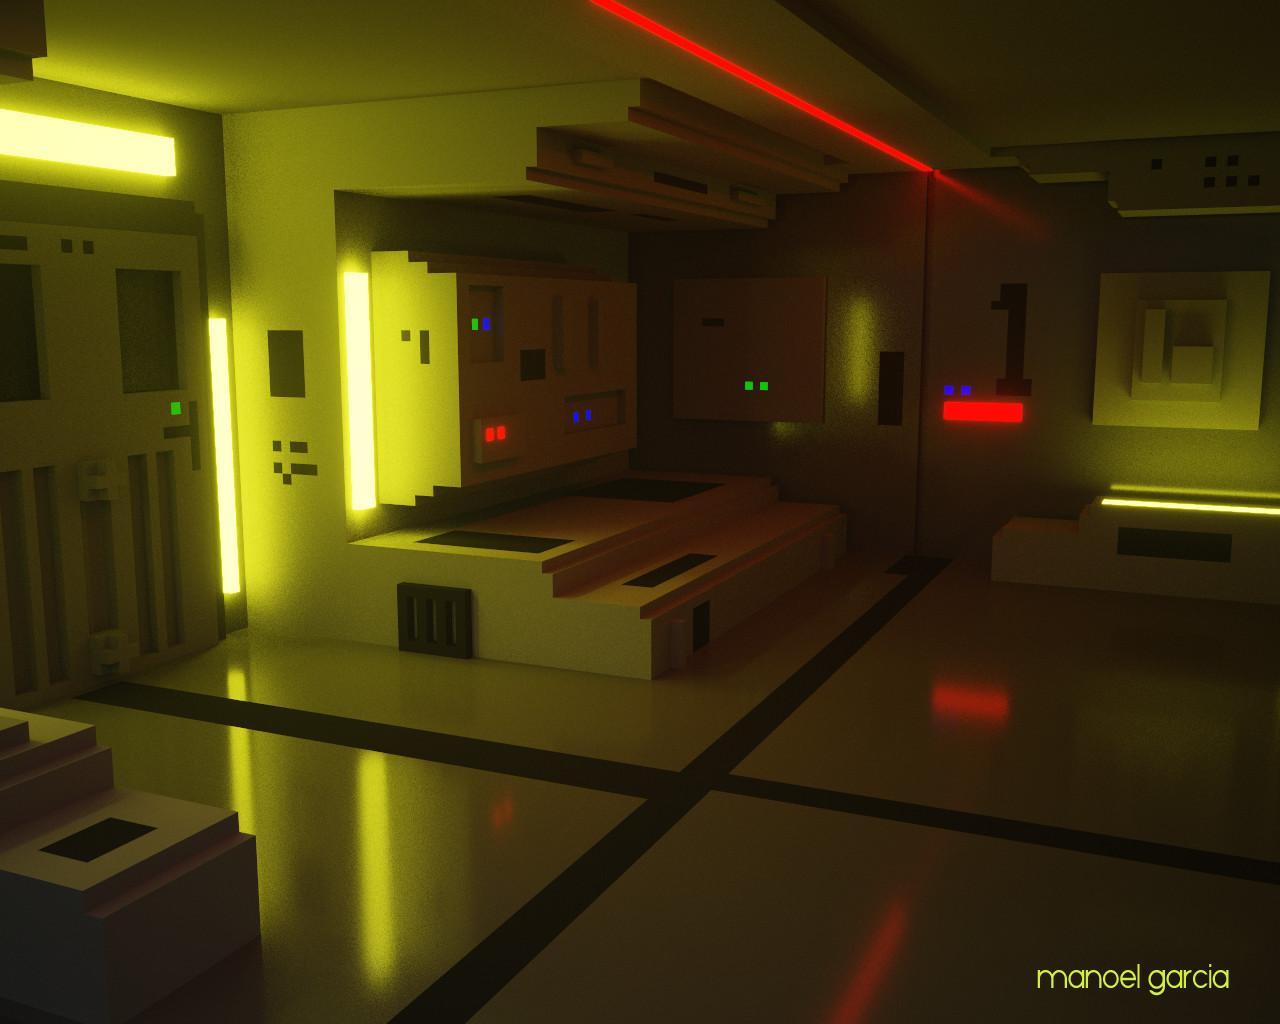 Sci-fi Interior - Moon Tribute